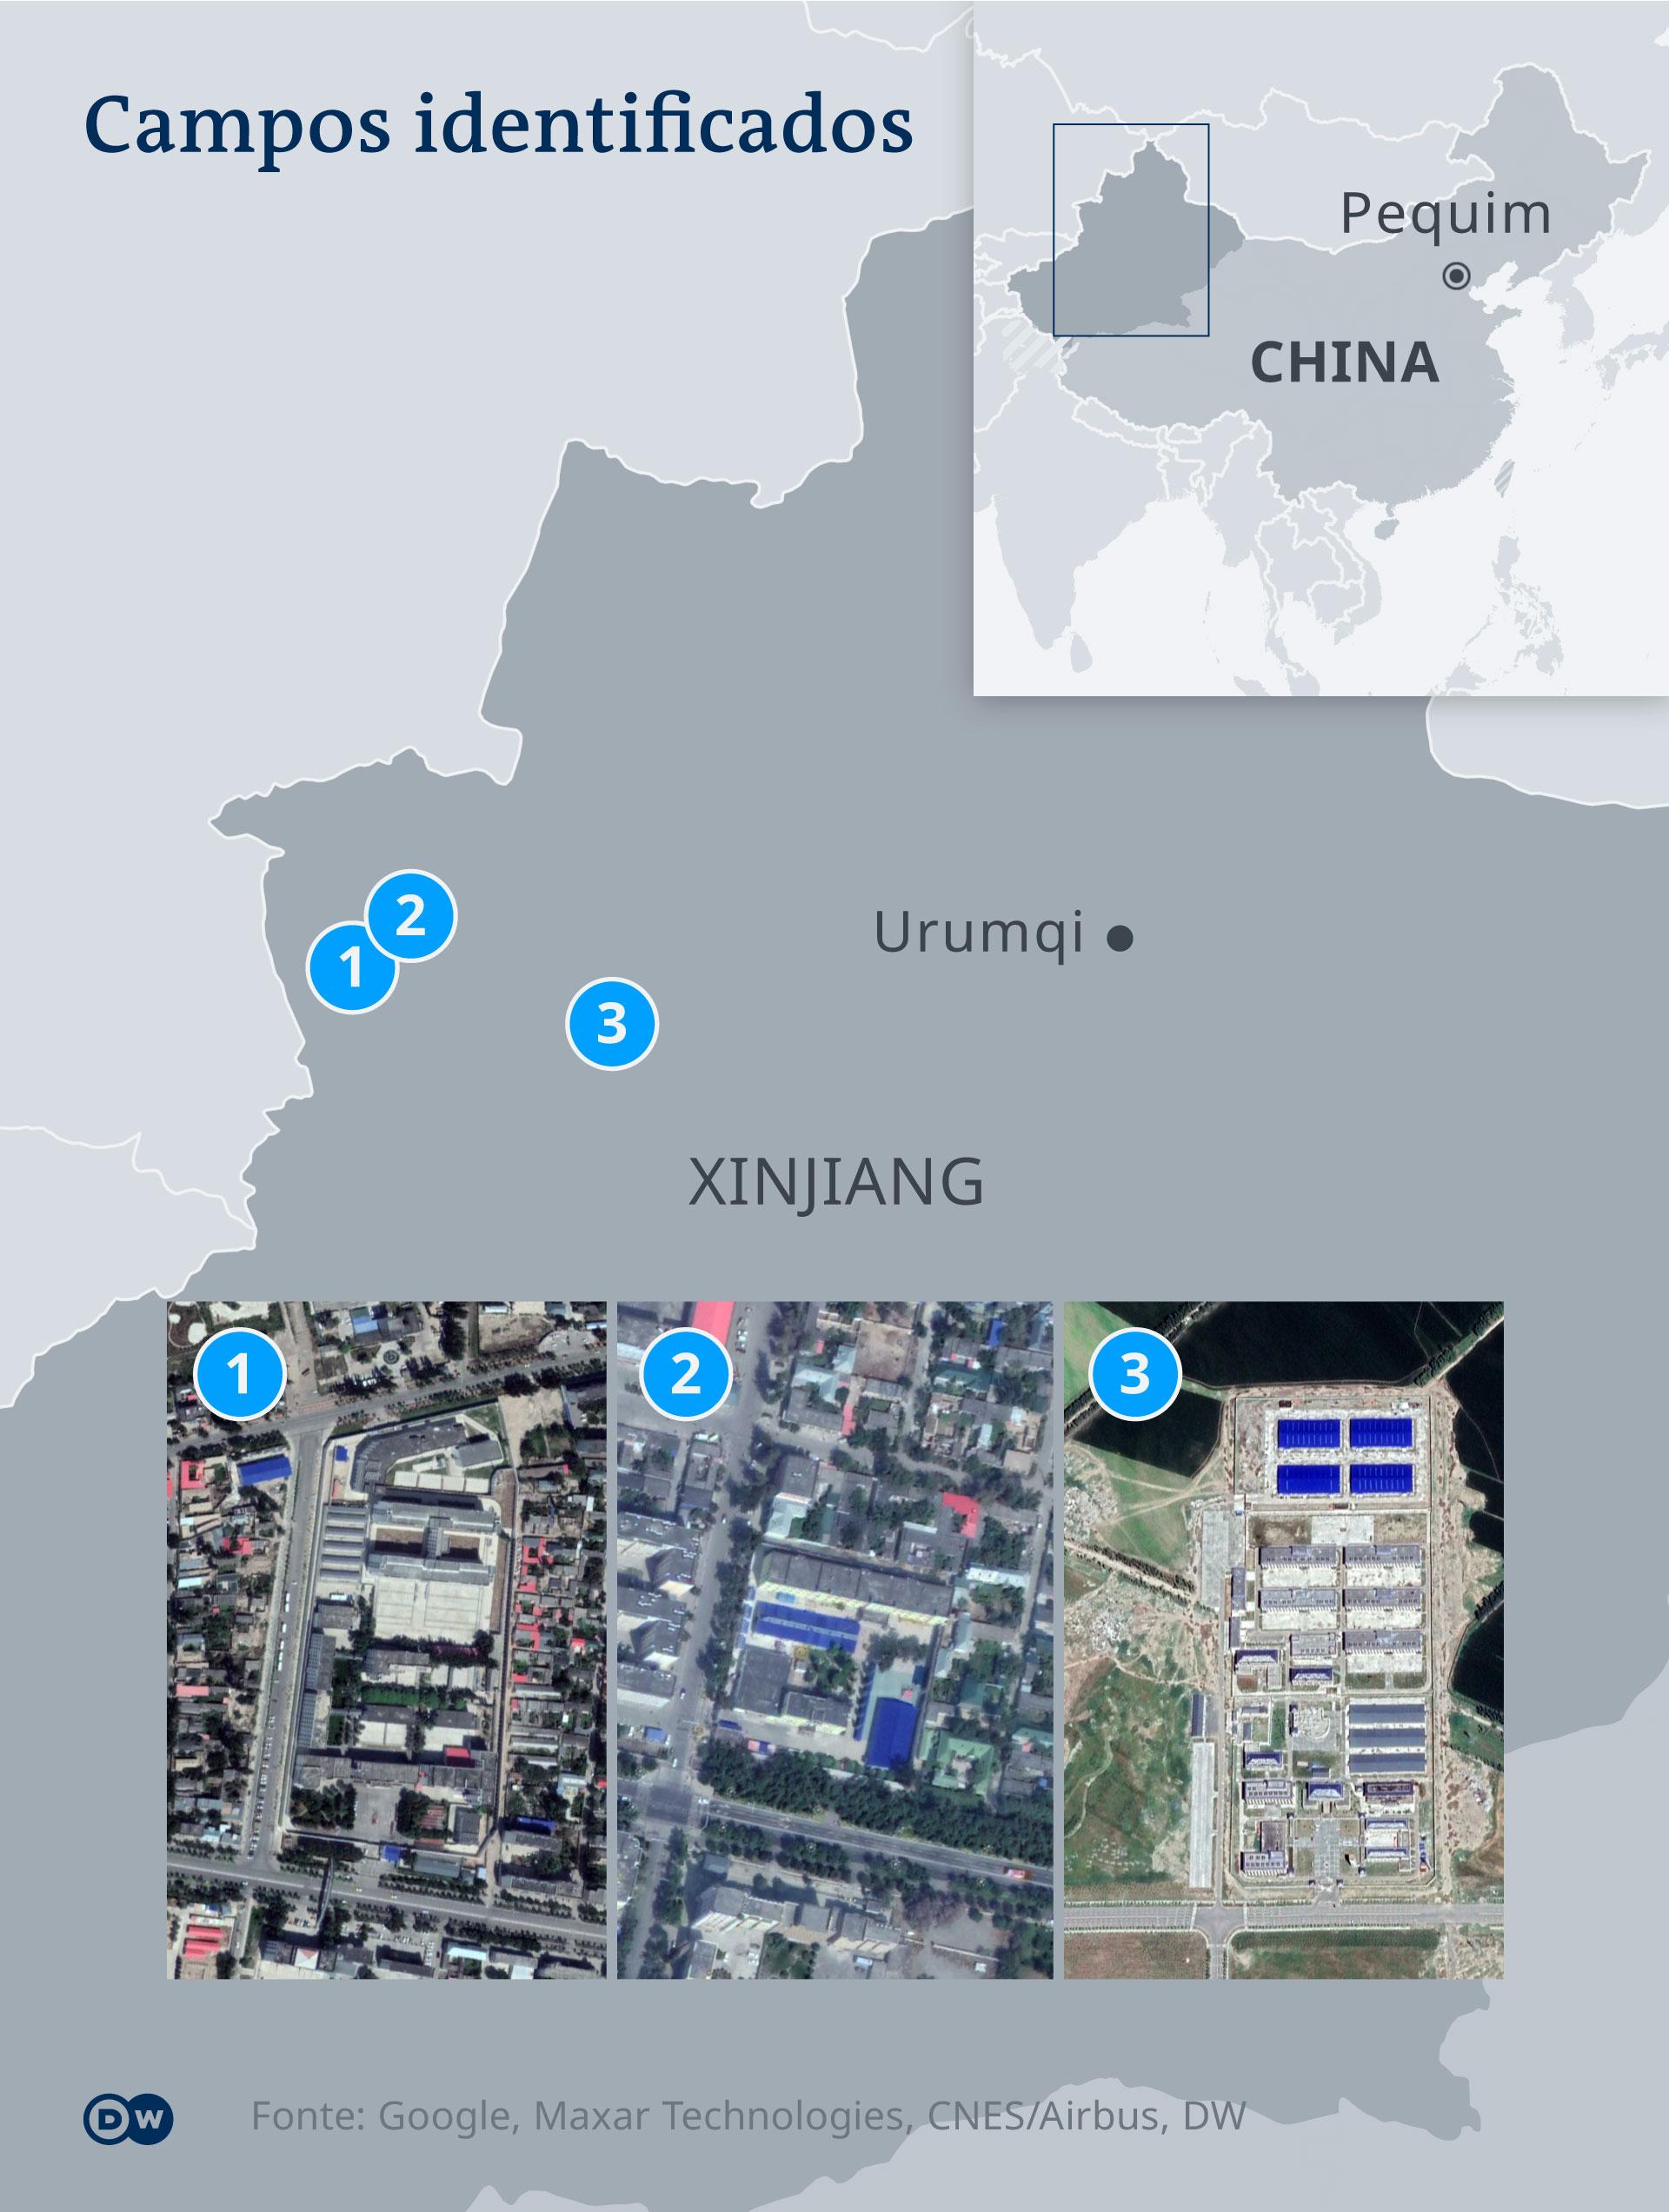 Campos identificados pela DW na China